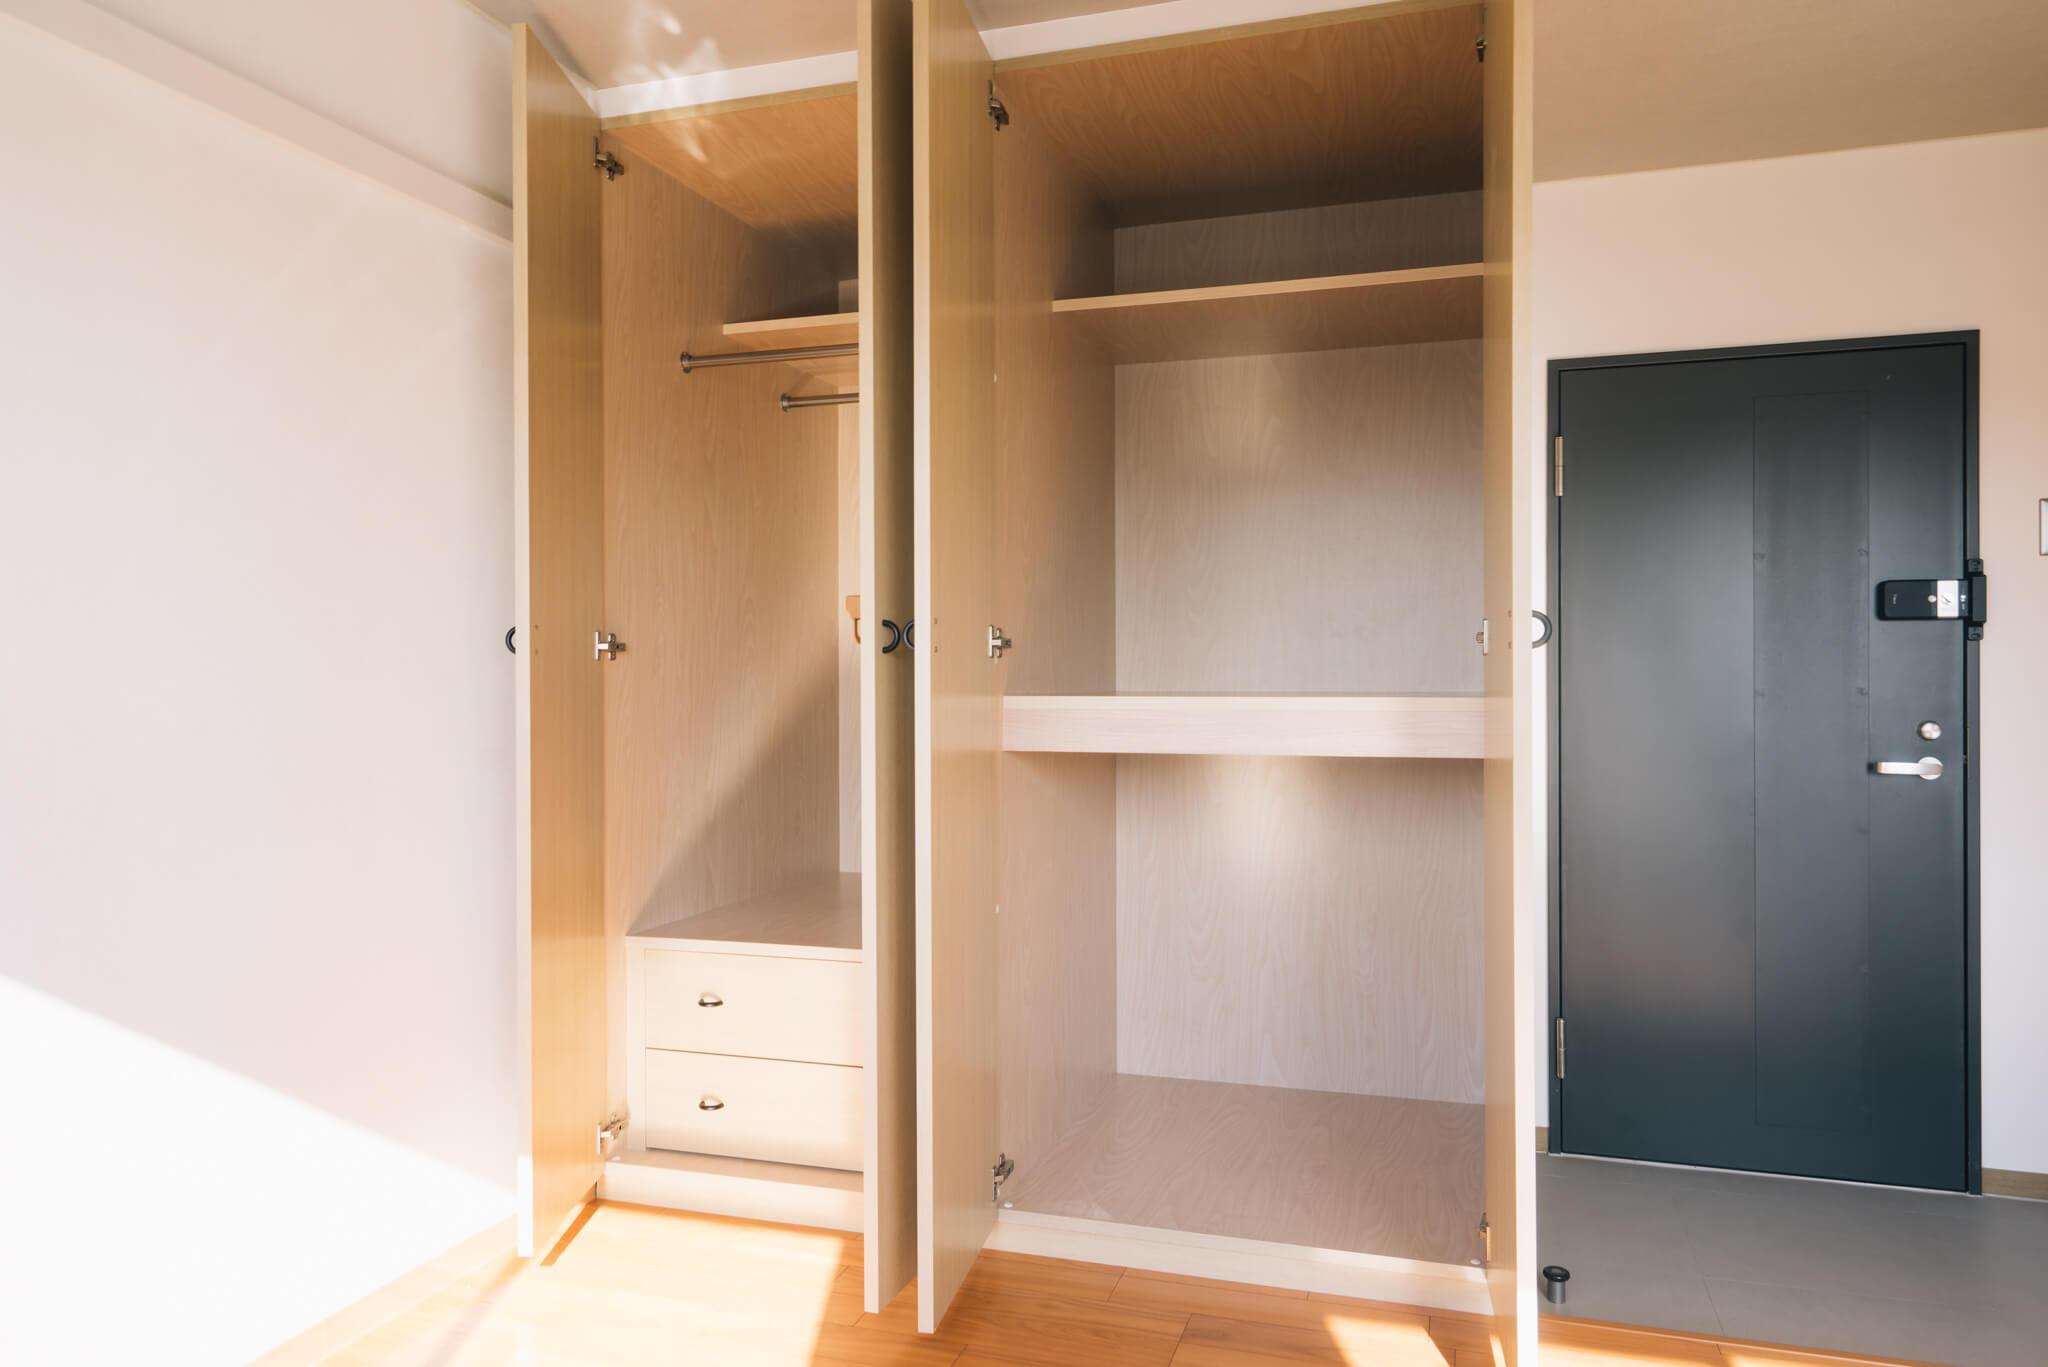 シェアプレイス調布多摩川は、すべて個室で、約9.7畳と広めのタイプがメイン。ベッドとデスク、冷蔵庫が備え付けのほか、大きめの収納もあり、プライベートの空間も十分楽しめます。